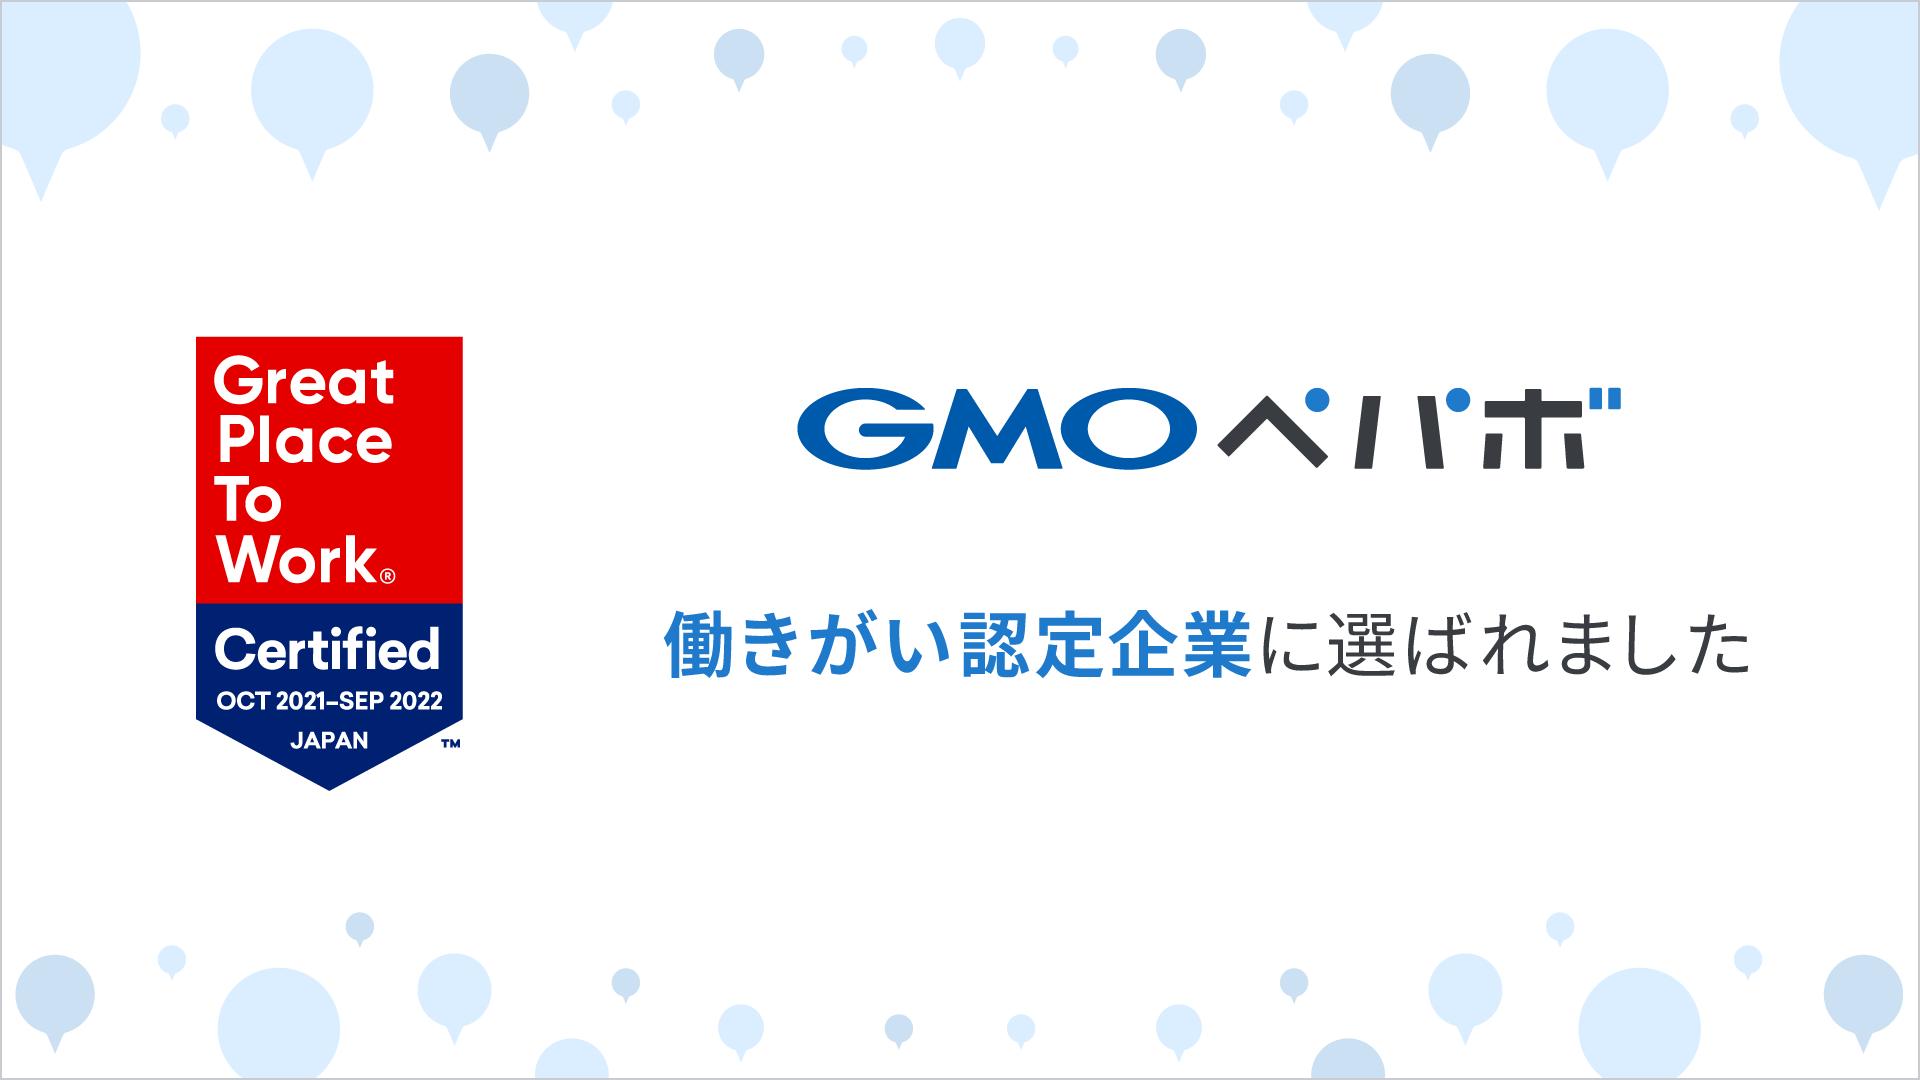 日本における「働きがいのある会社」に認定されました